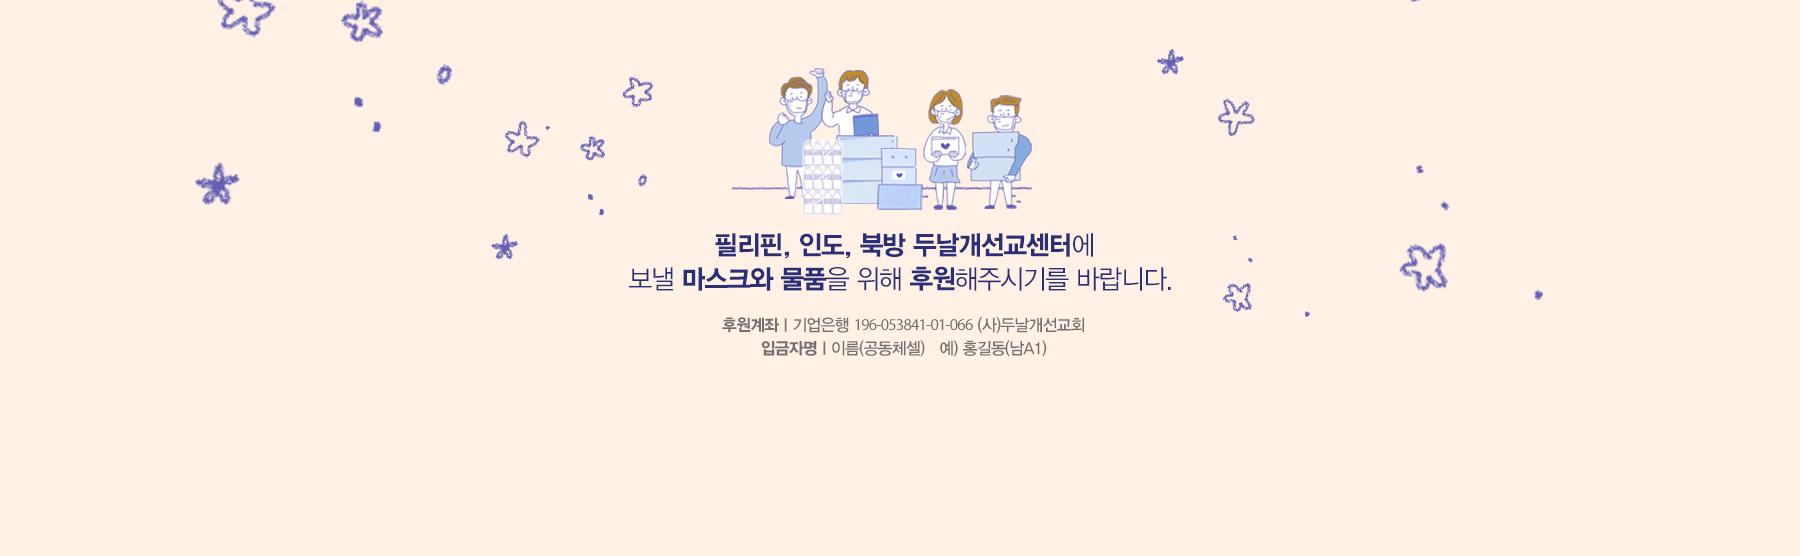 210508-선교회 마스크 물품 후원-교회용